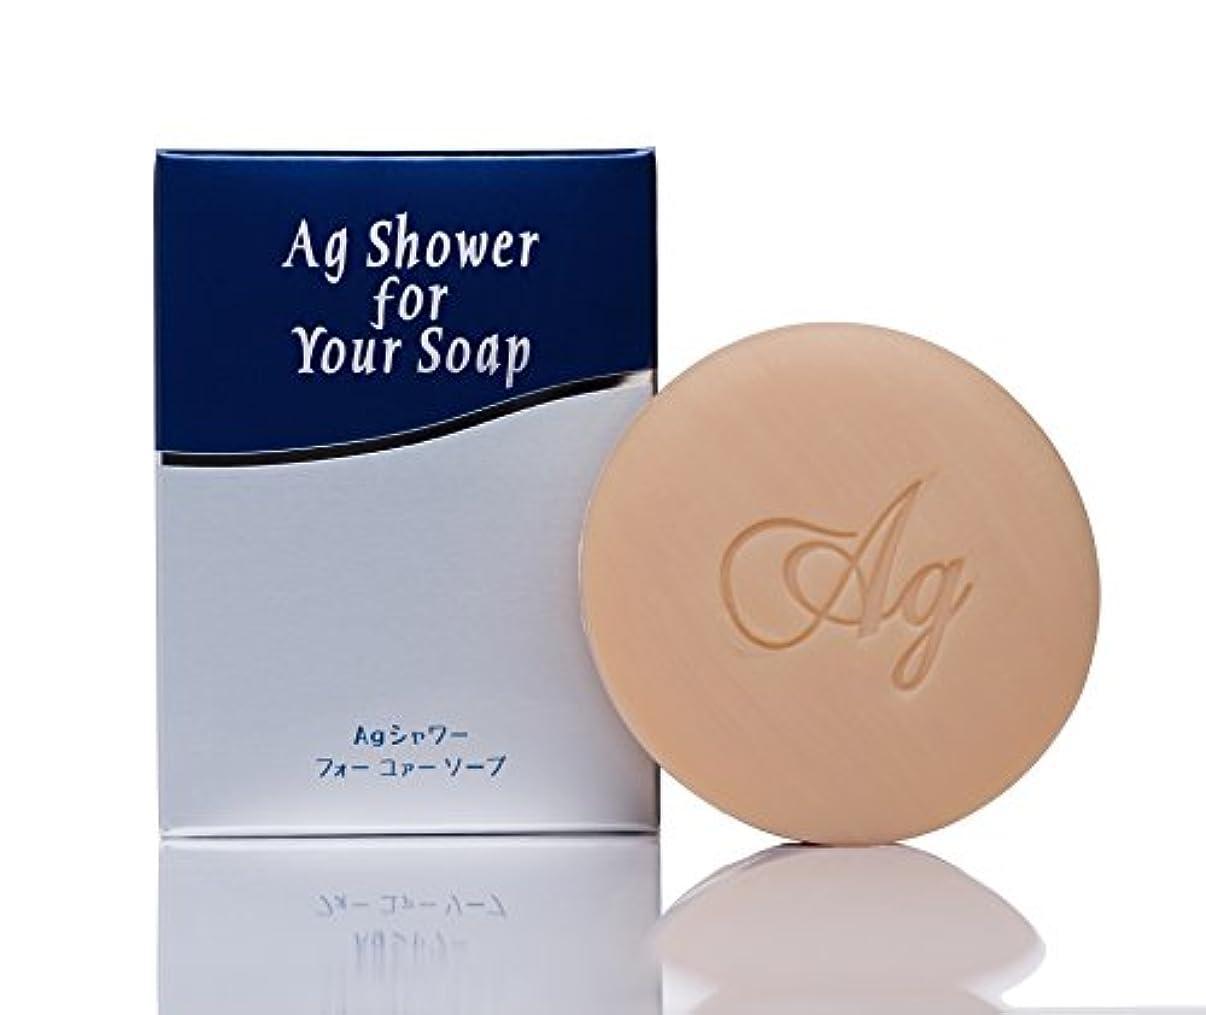 目指す薄める設計図スキンケアー石鹸 Agシャワーフォーユァーソープ 消臭?抗菌 100g